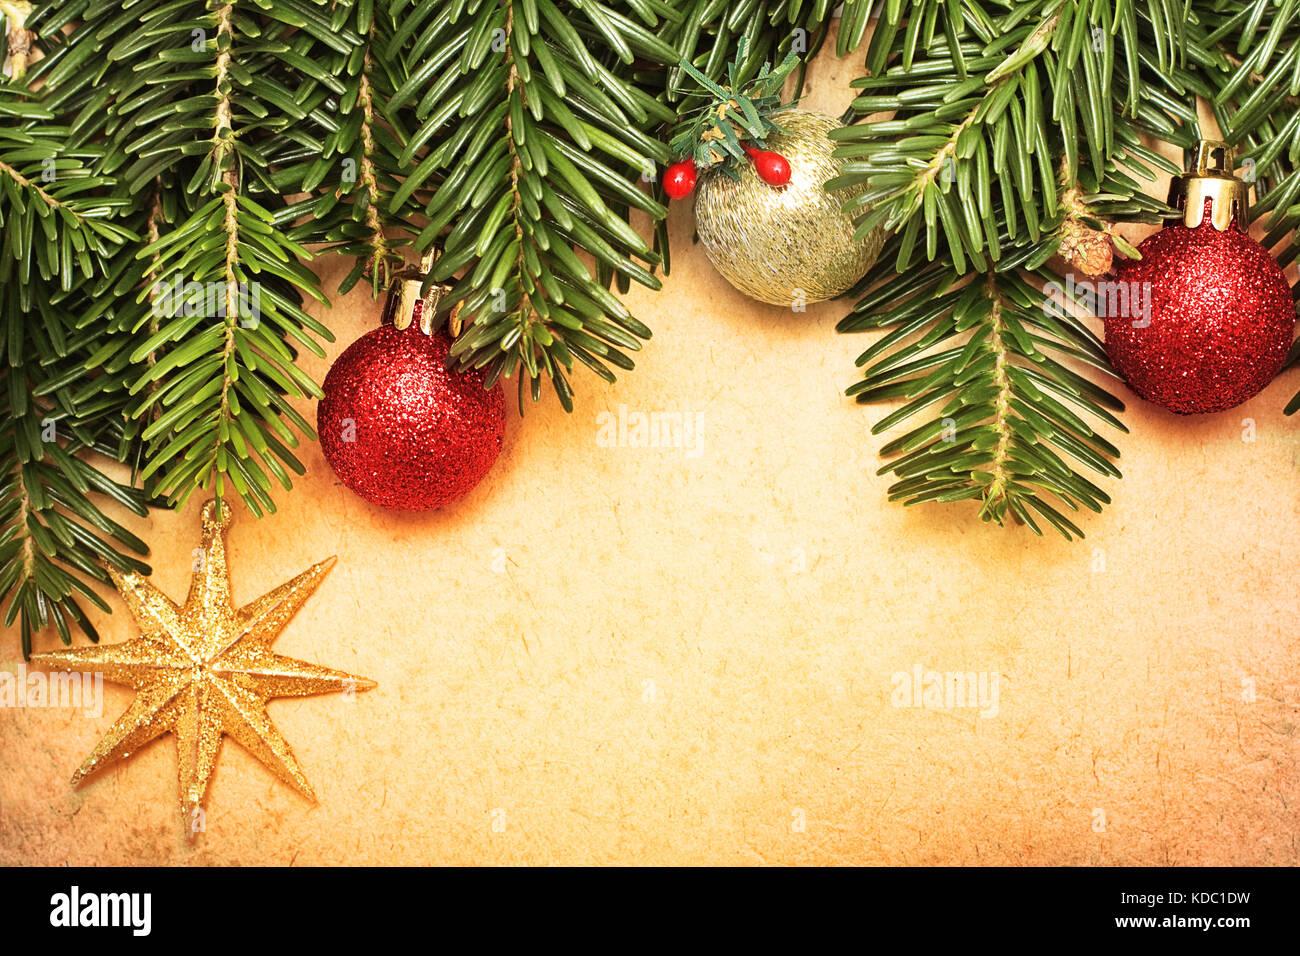 Tarjeta De Felicitación De Navidad Vintage Fondo De Navidad Foto